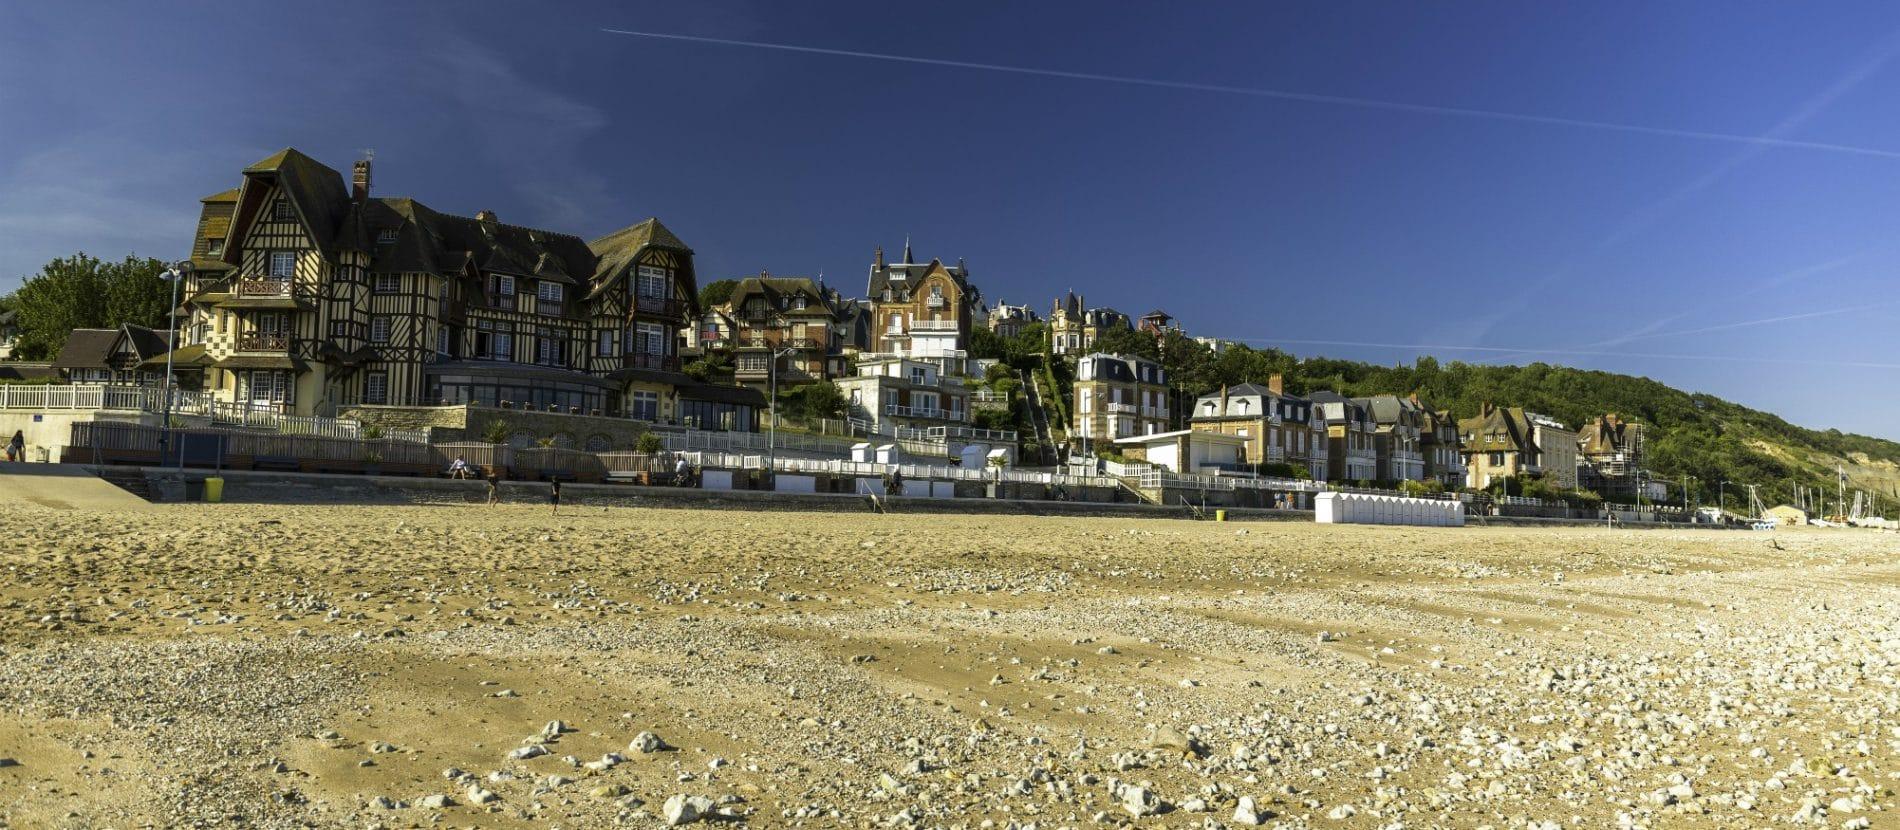 la plage de Villers-sur-mer et ses villas anglo-normandes